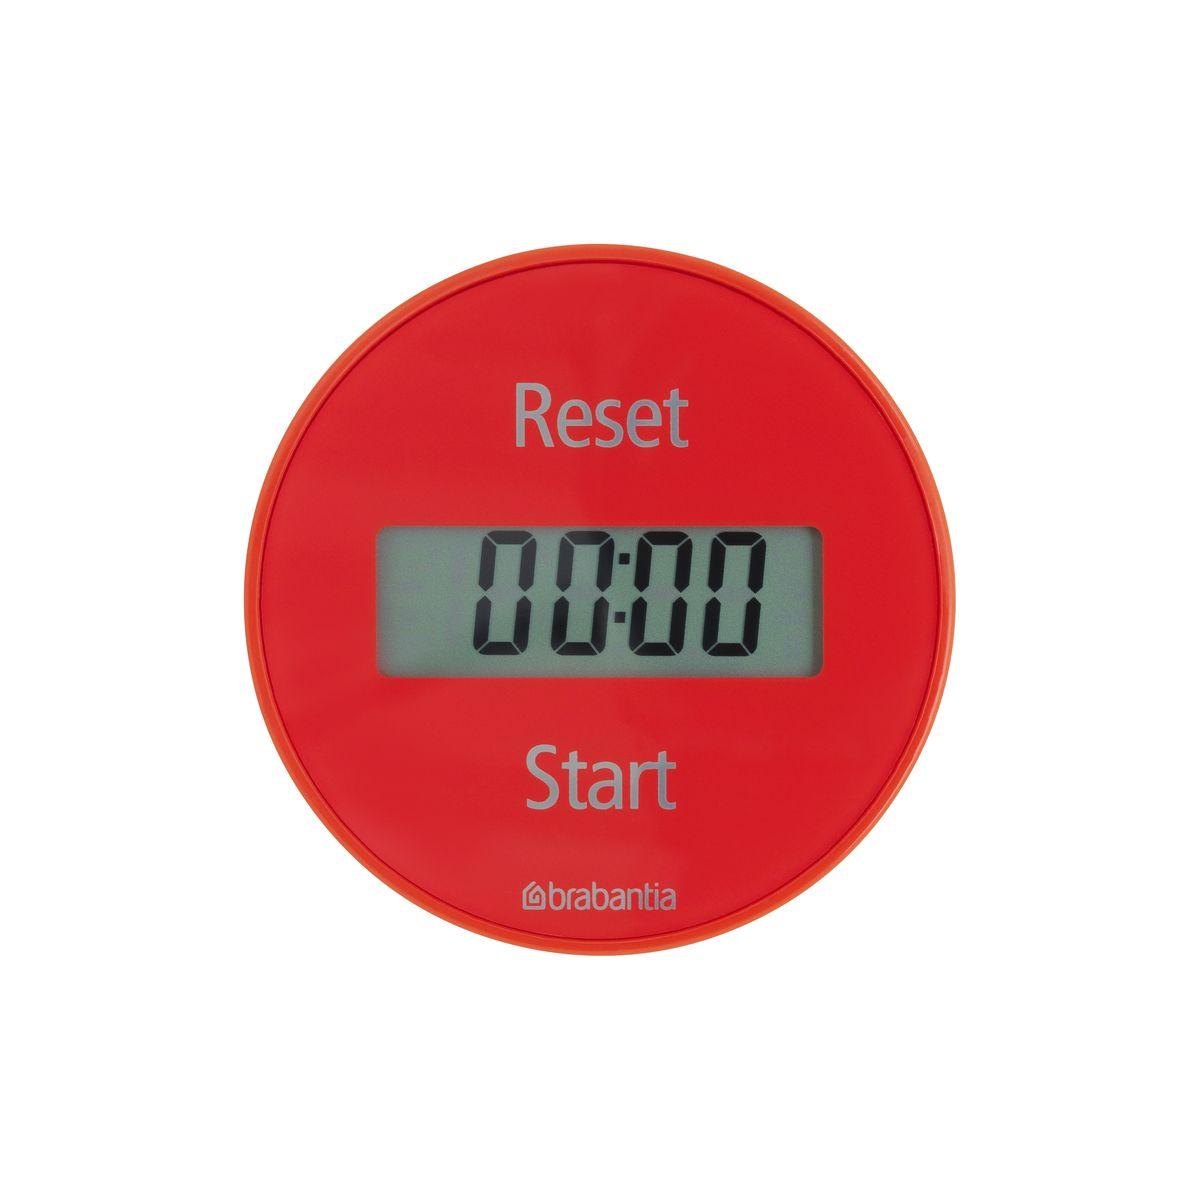 Кухонный таймер Brabantia Tasty Colours54 009312Кухонный таймер на магните с прямым и обратным отсчетом в диапазоне до 99 минут. Просто поверните внешнее кольцо прибора для установки времени, необходимого для приготовления вашего любимого блюда. Звуковой сигнал известит вас о готовности.Таймер легко и быстро устанавливается с помощью внешнего кольца - просто поверните;Удобное крепление - на магните;Функция таймера и секундомера;В комплект входит батарея CR2032;5-летняя гарантия Brabantia.